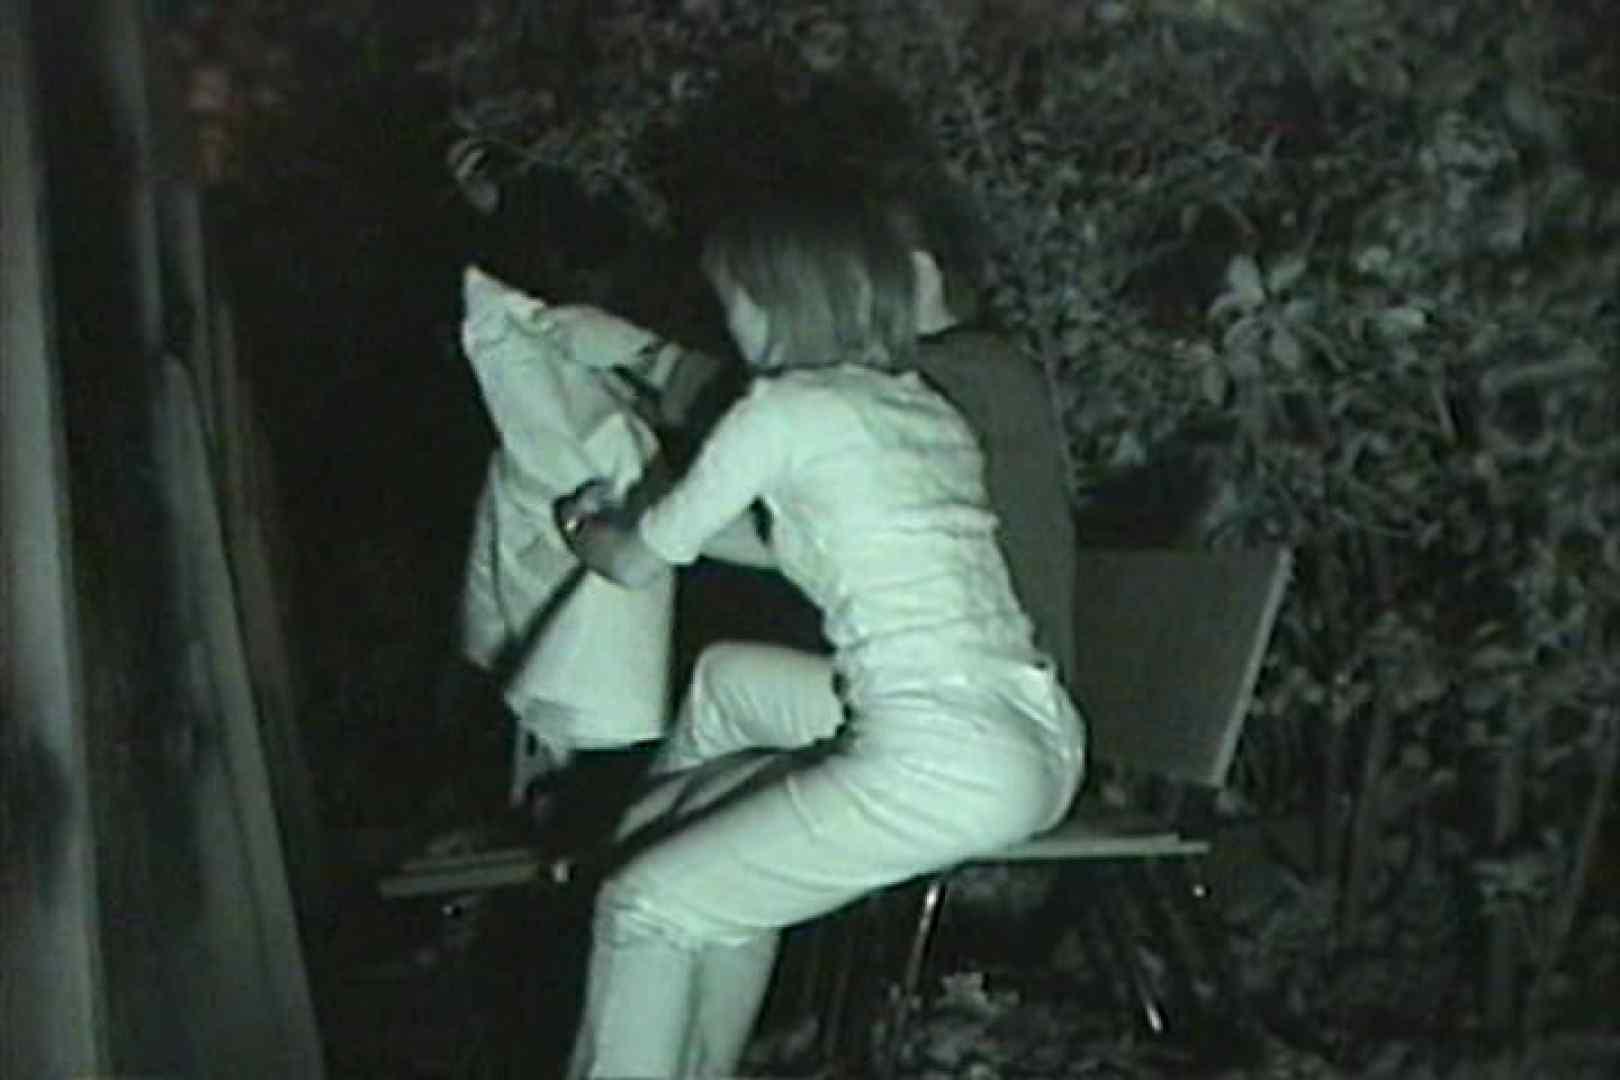 闇の仕掛け人 無修正版 Vol.24 美しいOLの裸体 | セックス  101pic 1